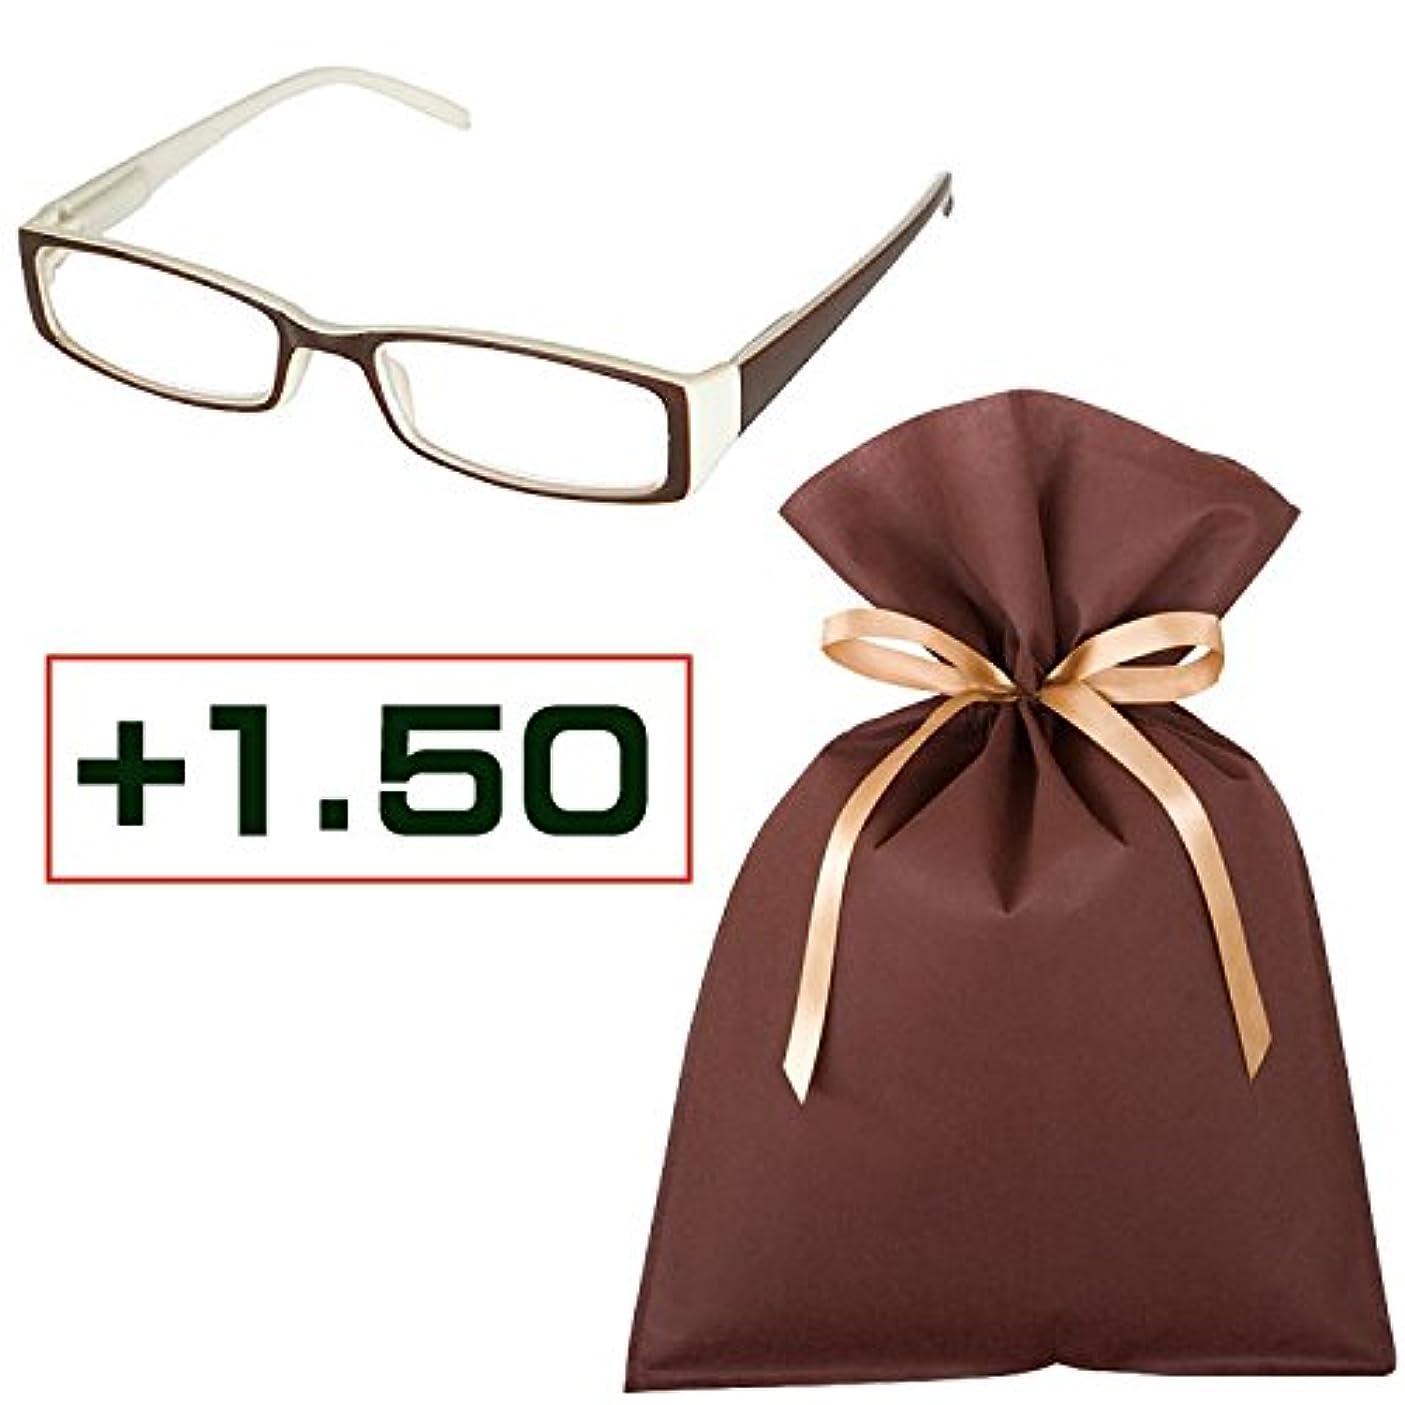 みがきますベジタリアン裁判所老眼鏡ギフトセット(+1.50)READING GLASSES CO/OW 1.5